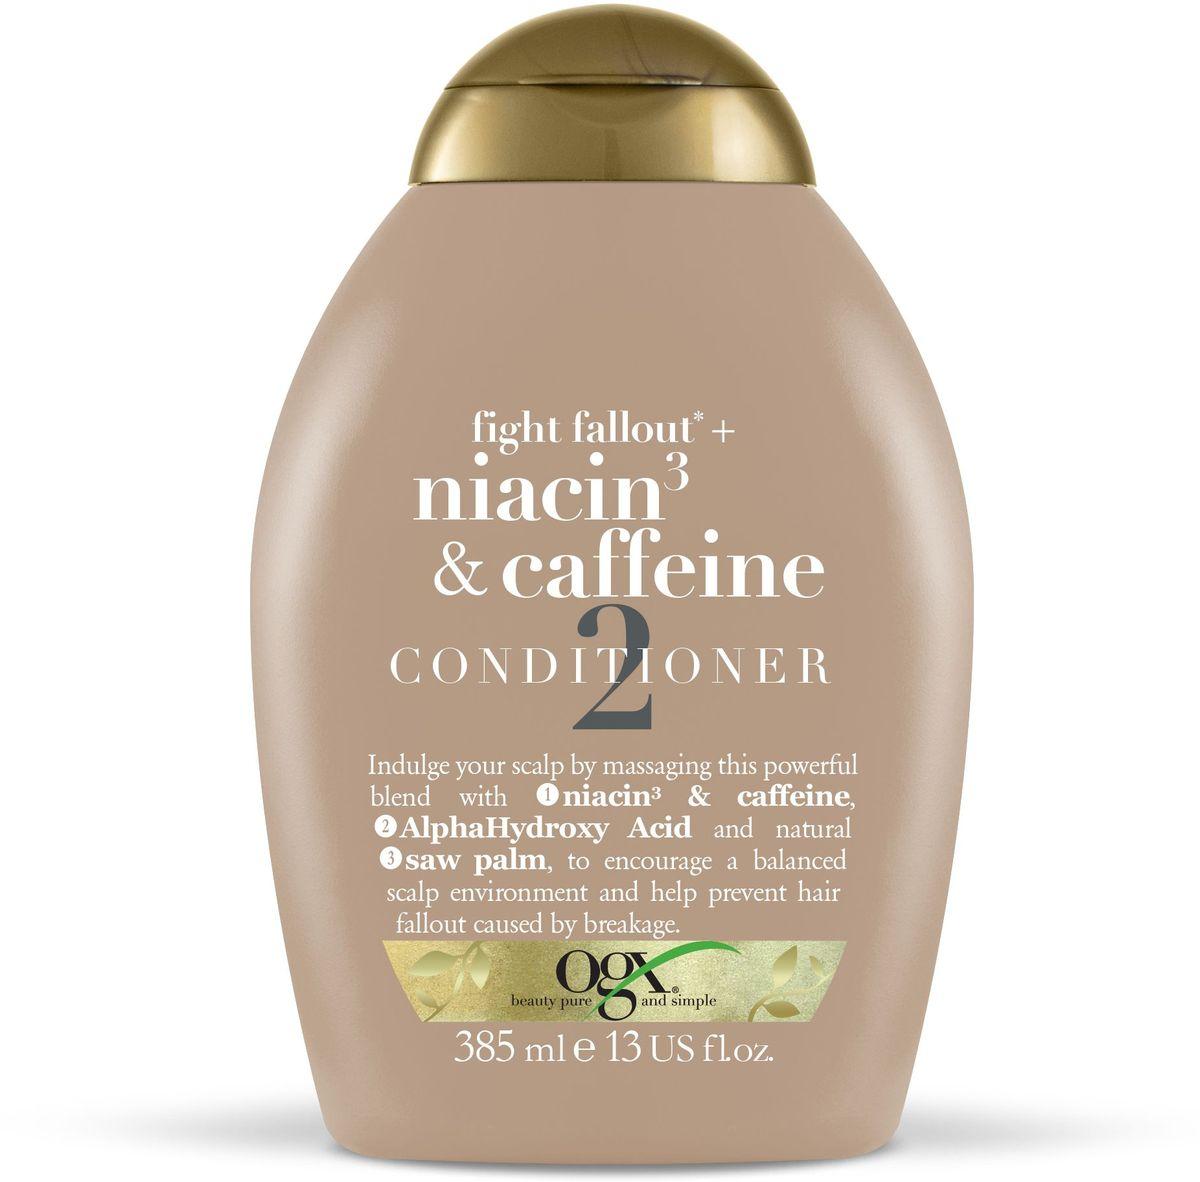 OGX Кондиционер против выпадения волос с ниацином 3 и кофеином, 385 мл.SL-255Кондиционер против выпадения волос с ниацином 3 и кофеином помогает поддерживать кожу голову в здоровом состоянии, стимулирует волосяные фолликулы и предотвращает выпадение и ломкость волос.